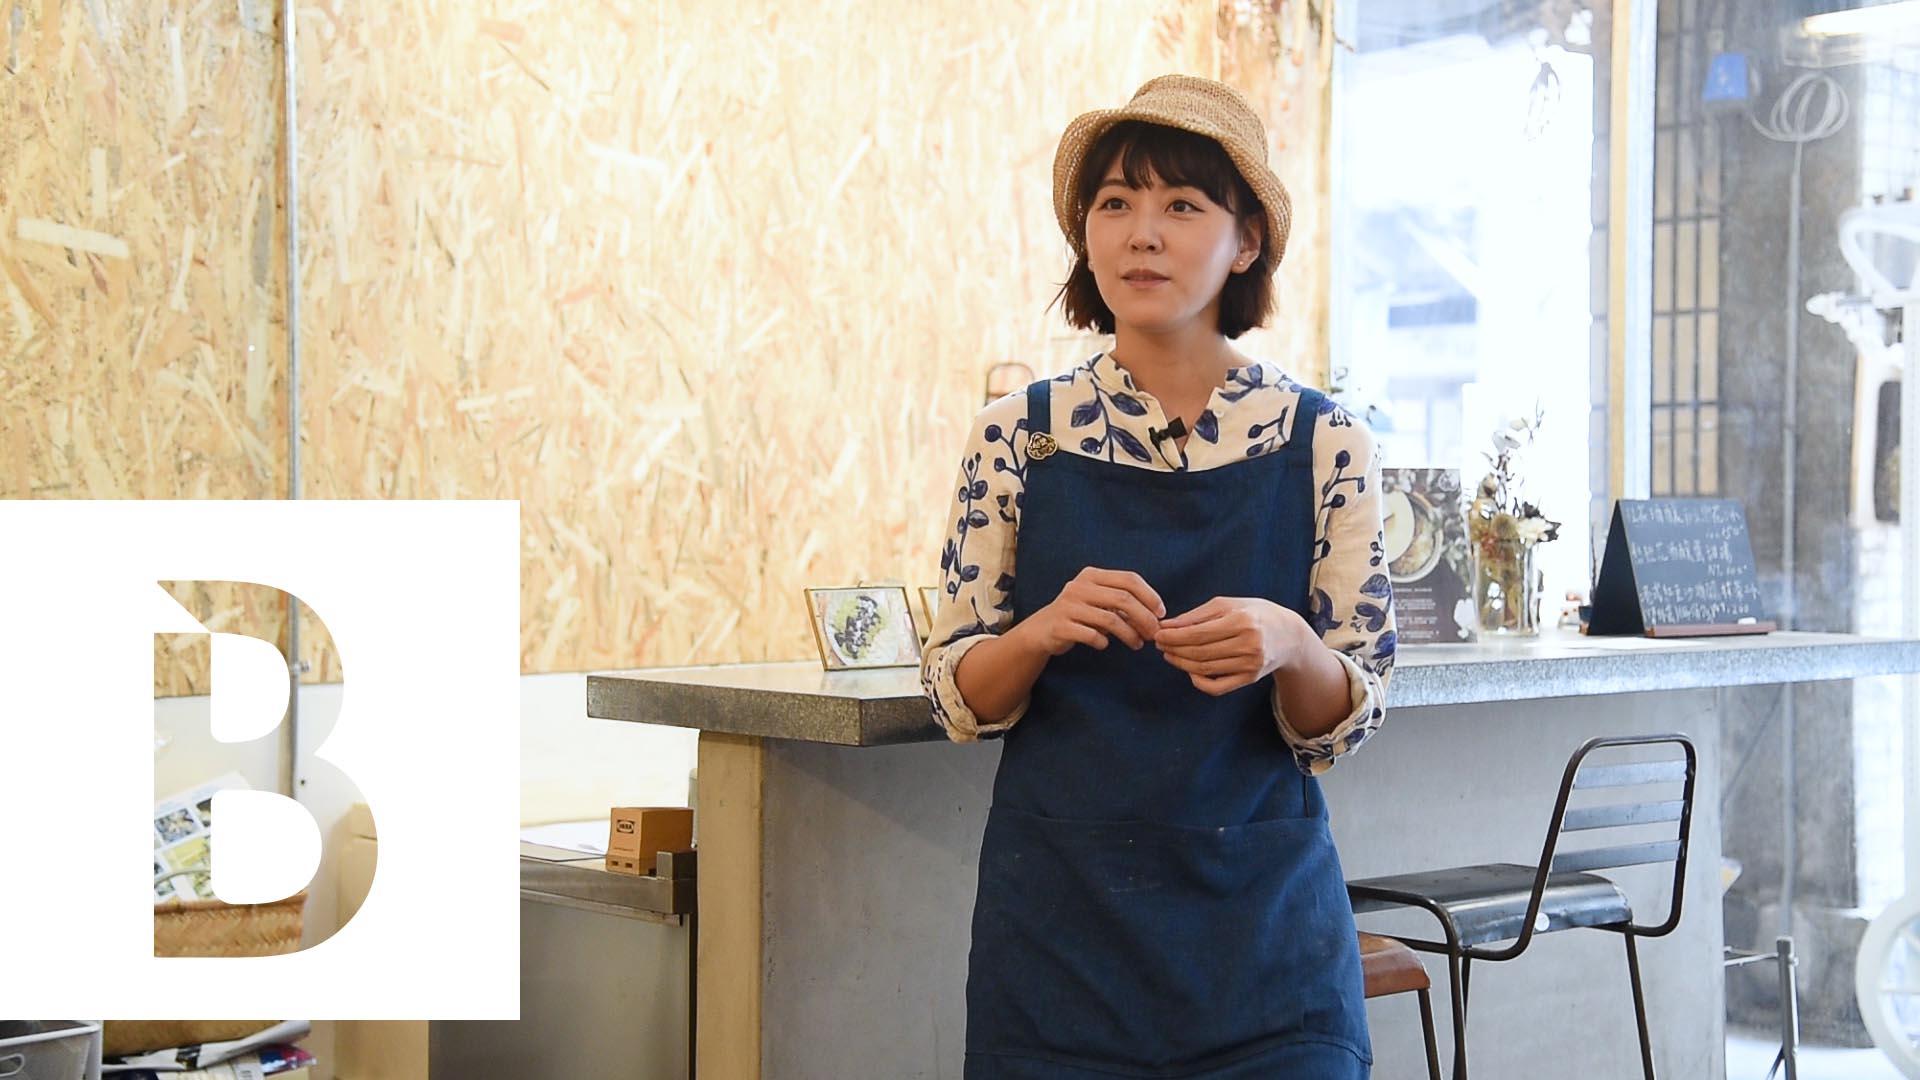 【城市尋味】有酒窩的湯圓!赤峰街雜貨冰品「心地日常」 來自上海外婆的老味道